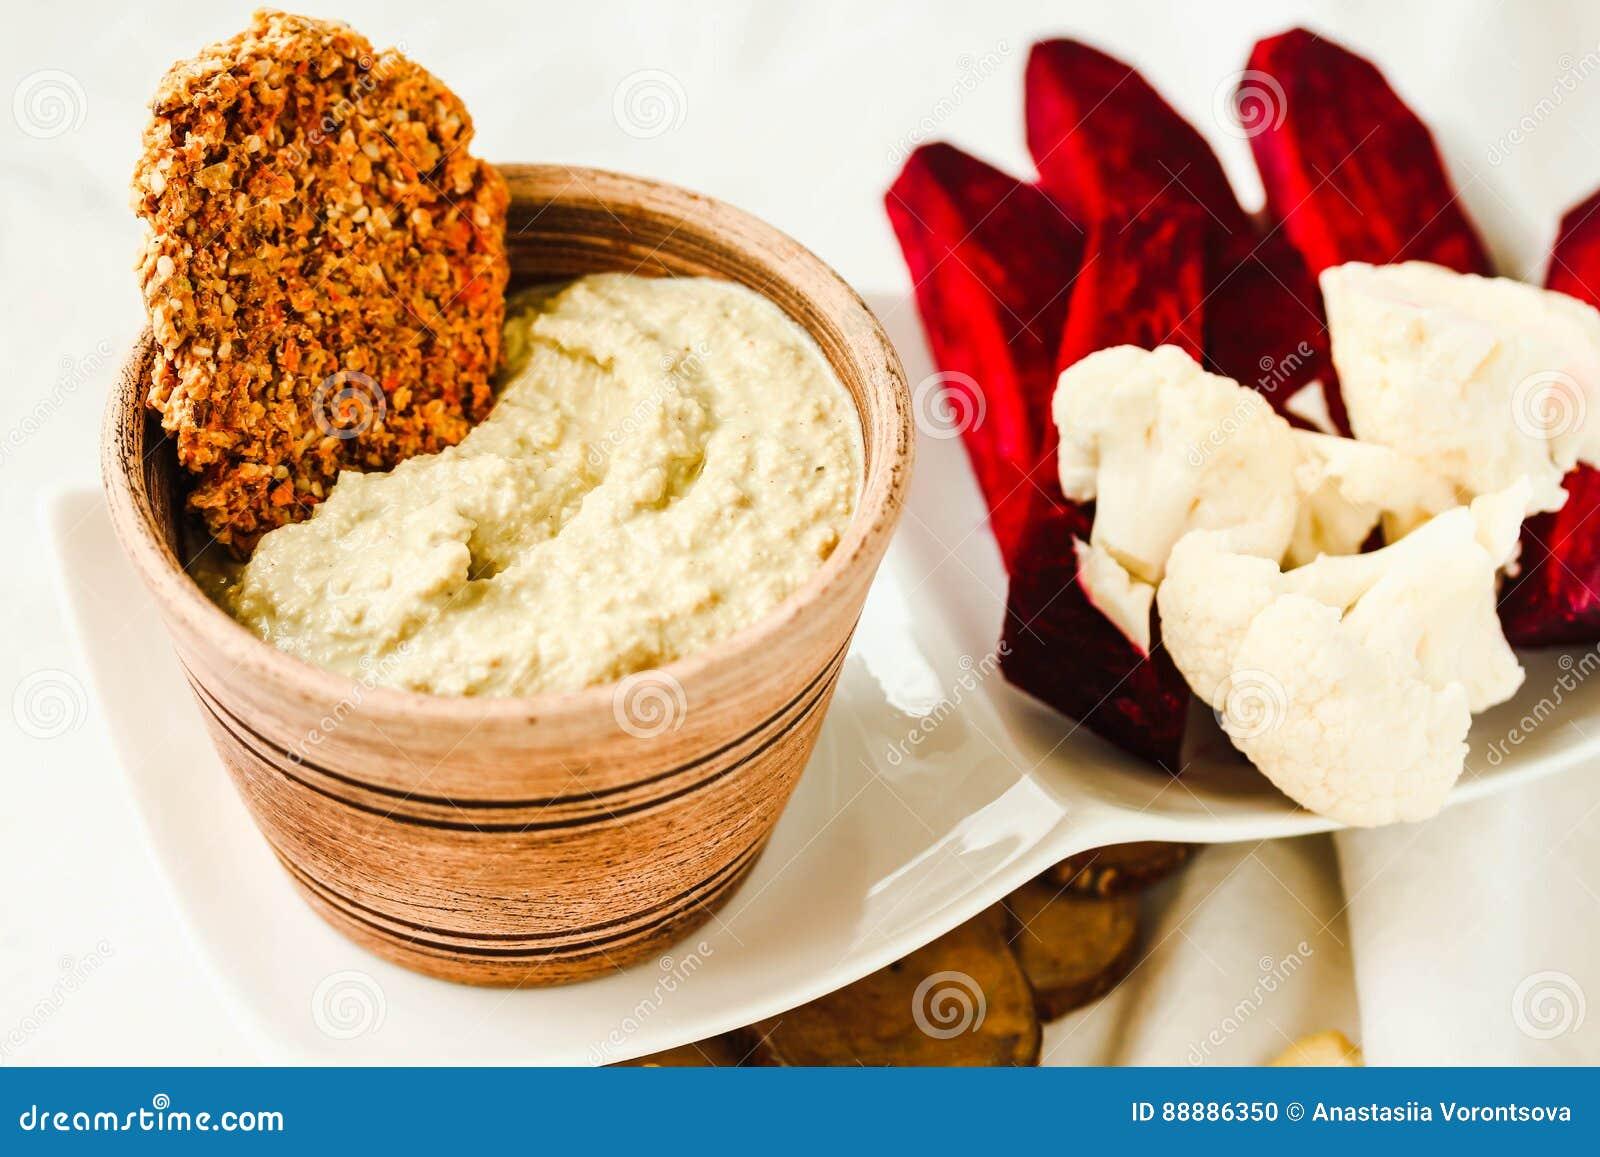 腰果调味汁,从坚果的日志免费乳酪用红萝卜薄脆饼干a